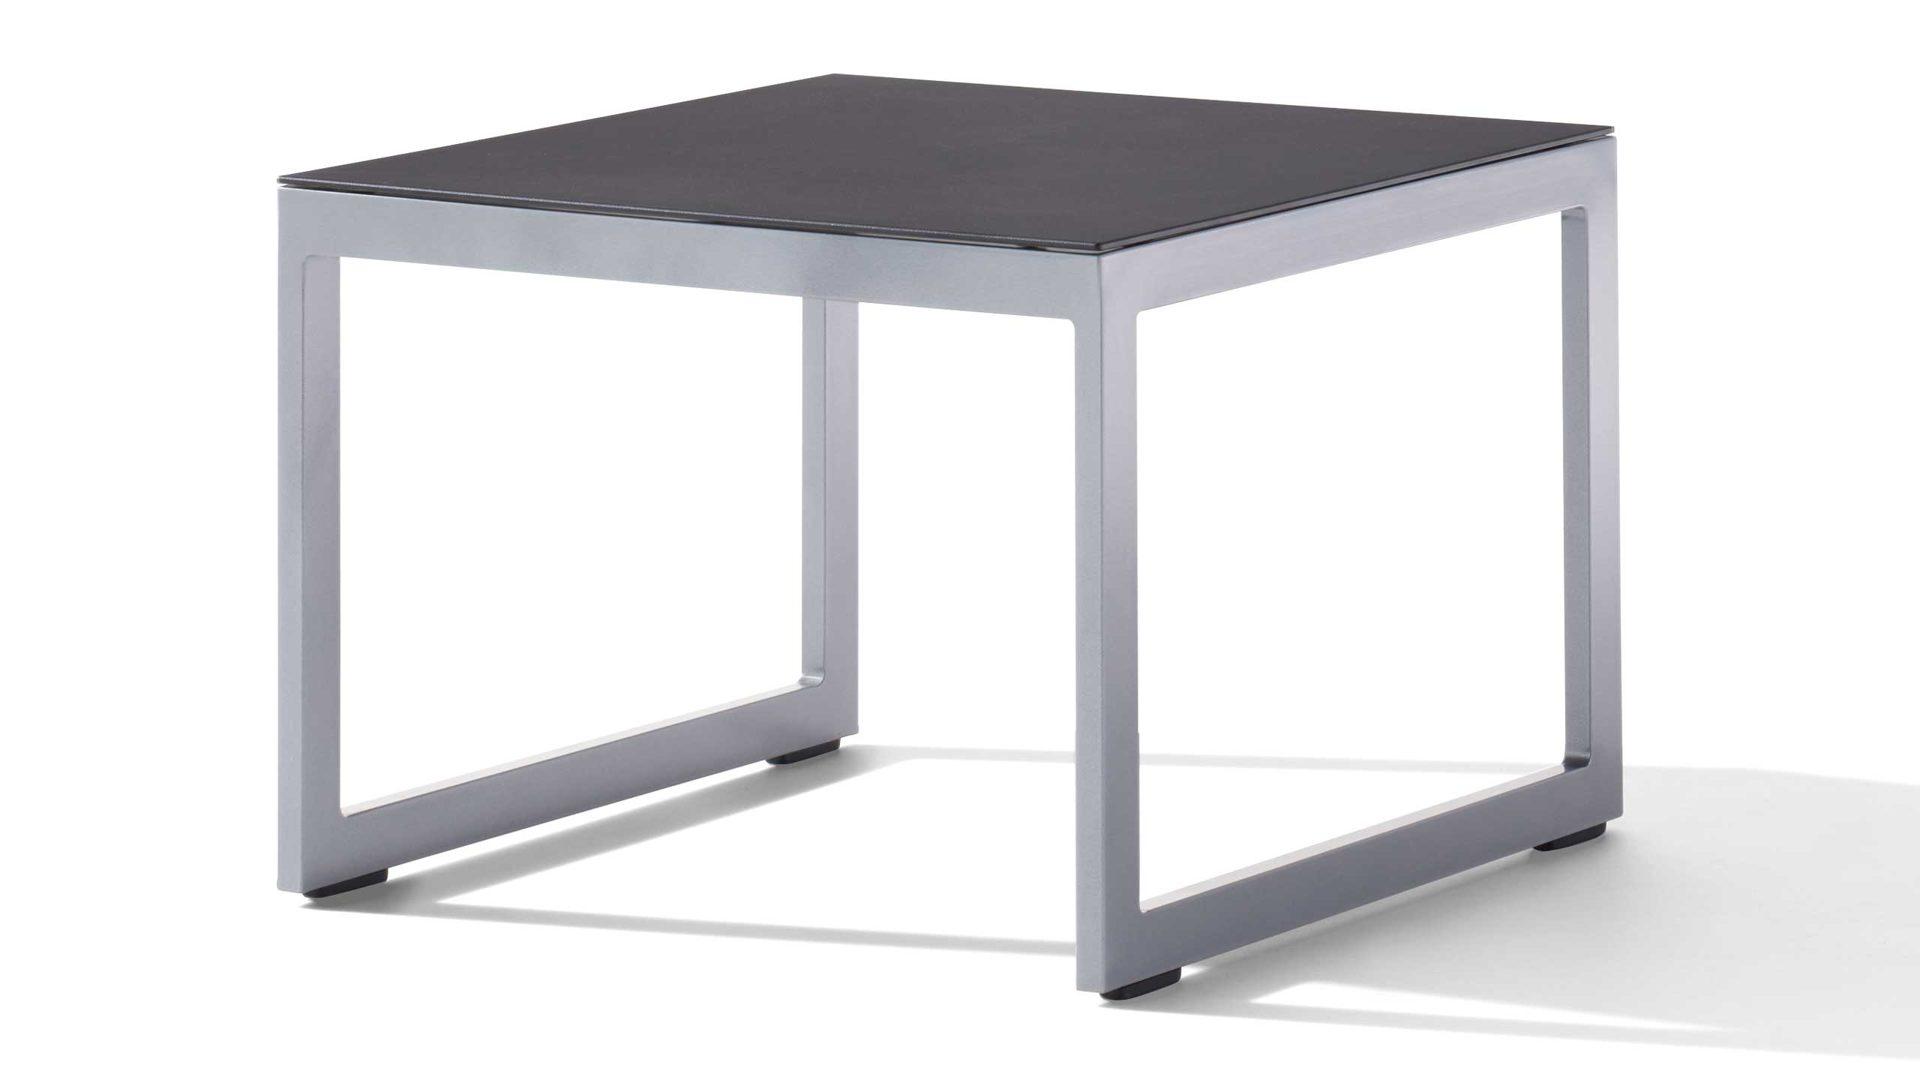 Sieger Exclusiv Tisch Loungetisch Melbourne 602 A, Gestell Aluminium ...